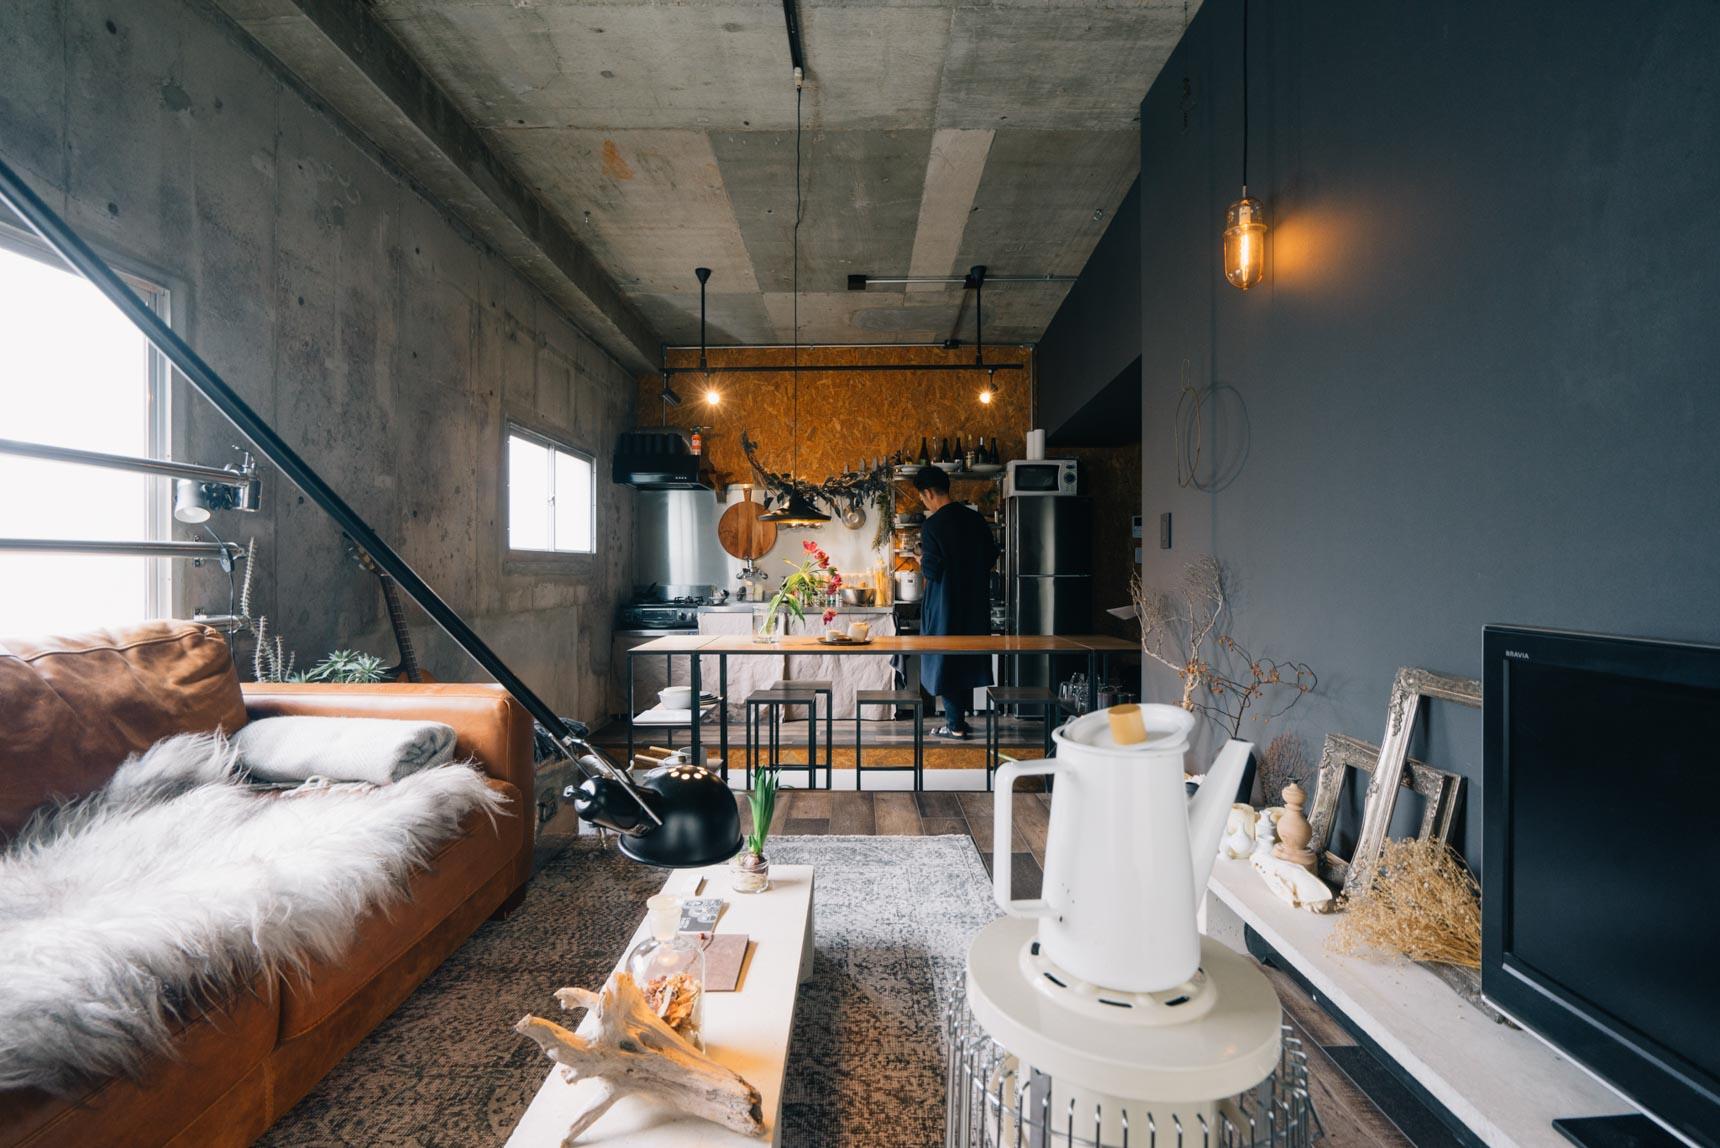 コンクリート打ちっ放しの壁がむき出しのお部屋には、あえてダークカラーの壁紙を。無彩色の空間に色味を少し持たせるだけで、温かみを感じる部屋に変わります(このお部屋はこちら)